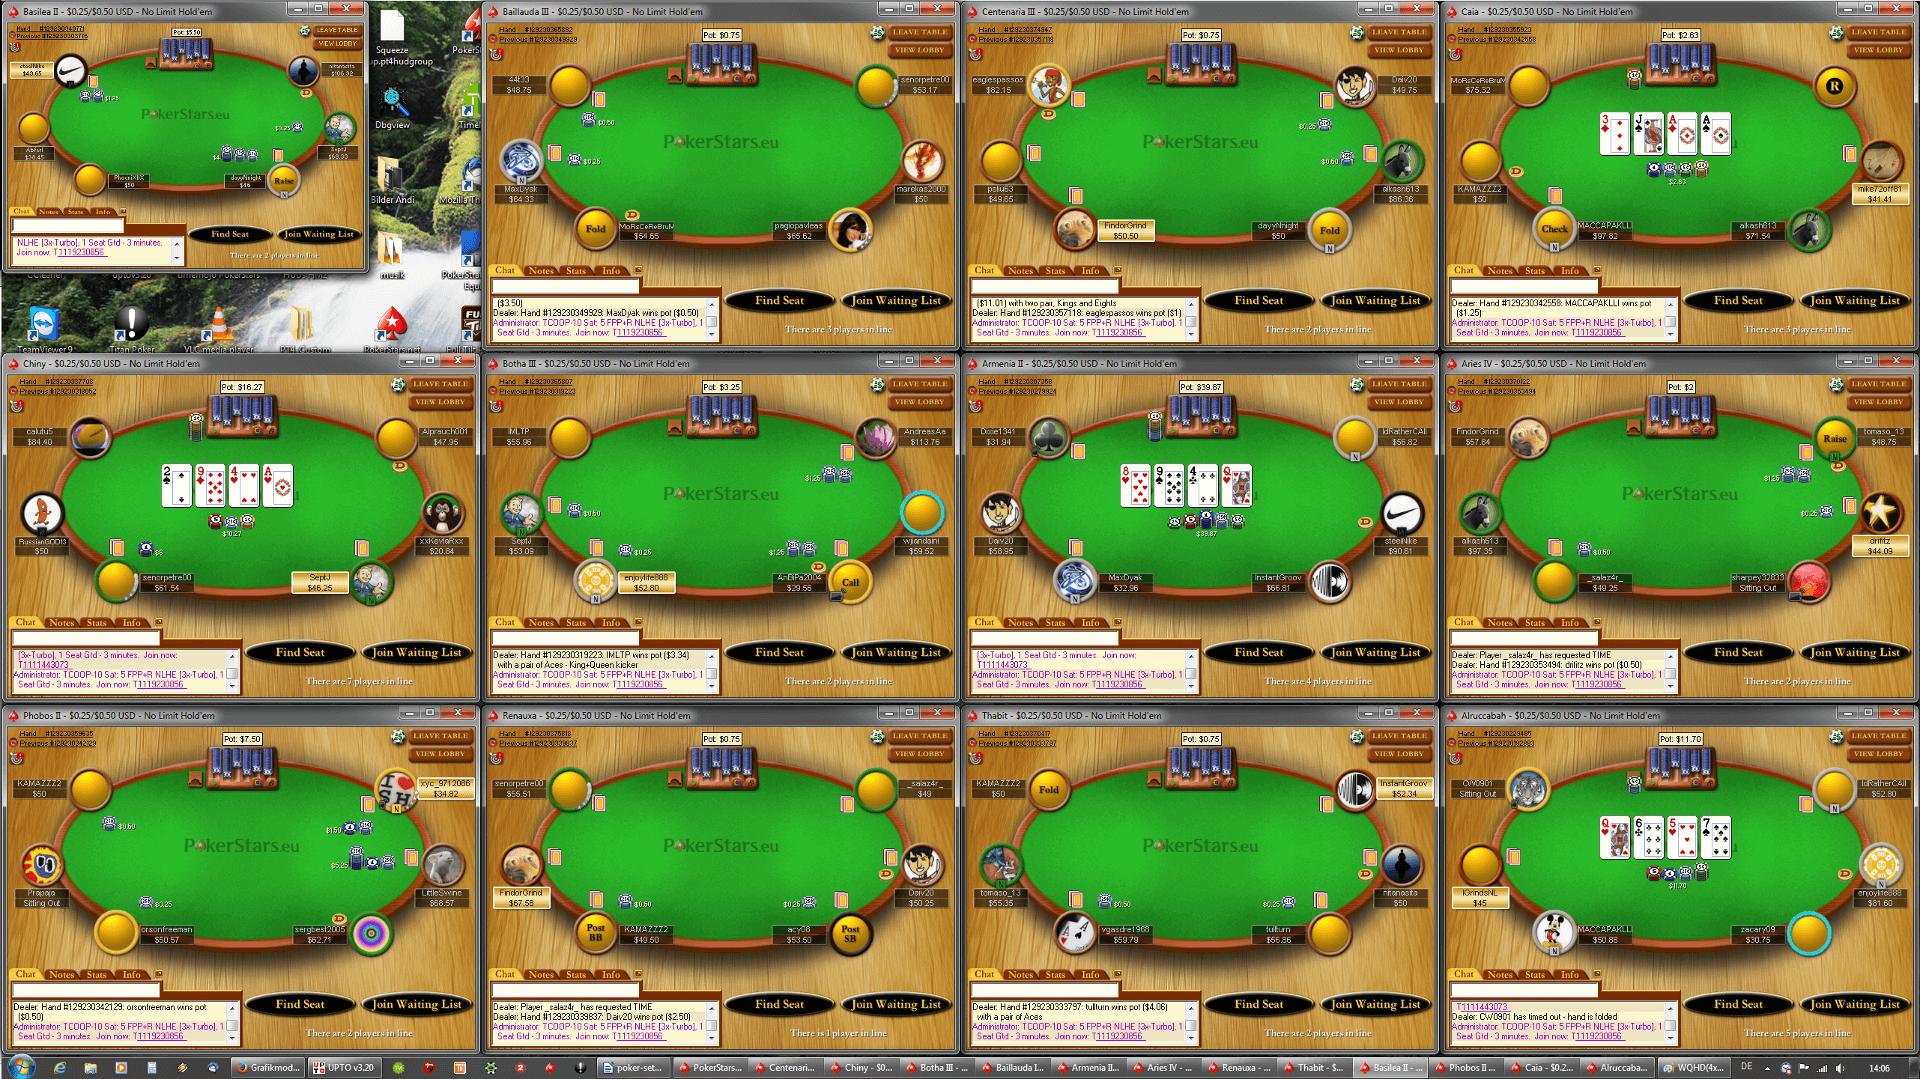 Poker Tischanordnung - WQHD(4x3)